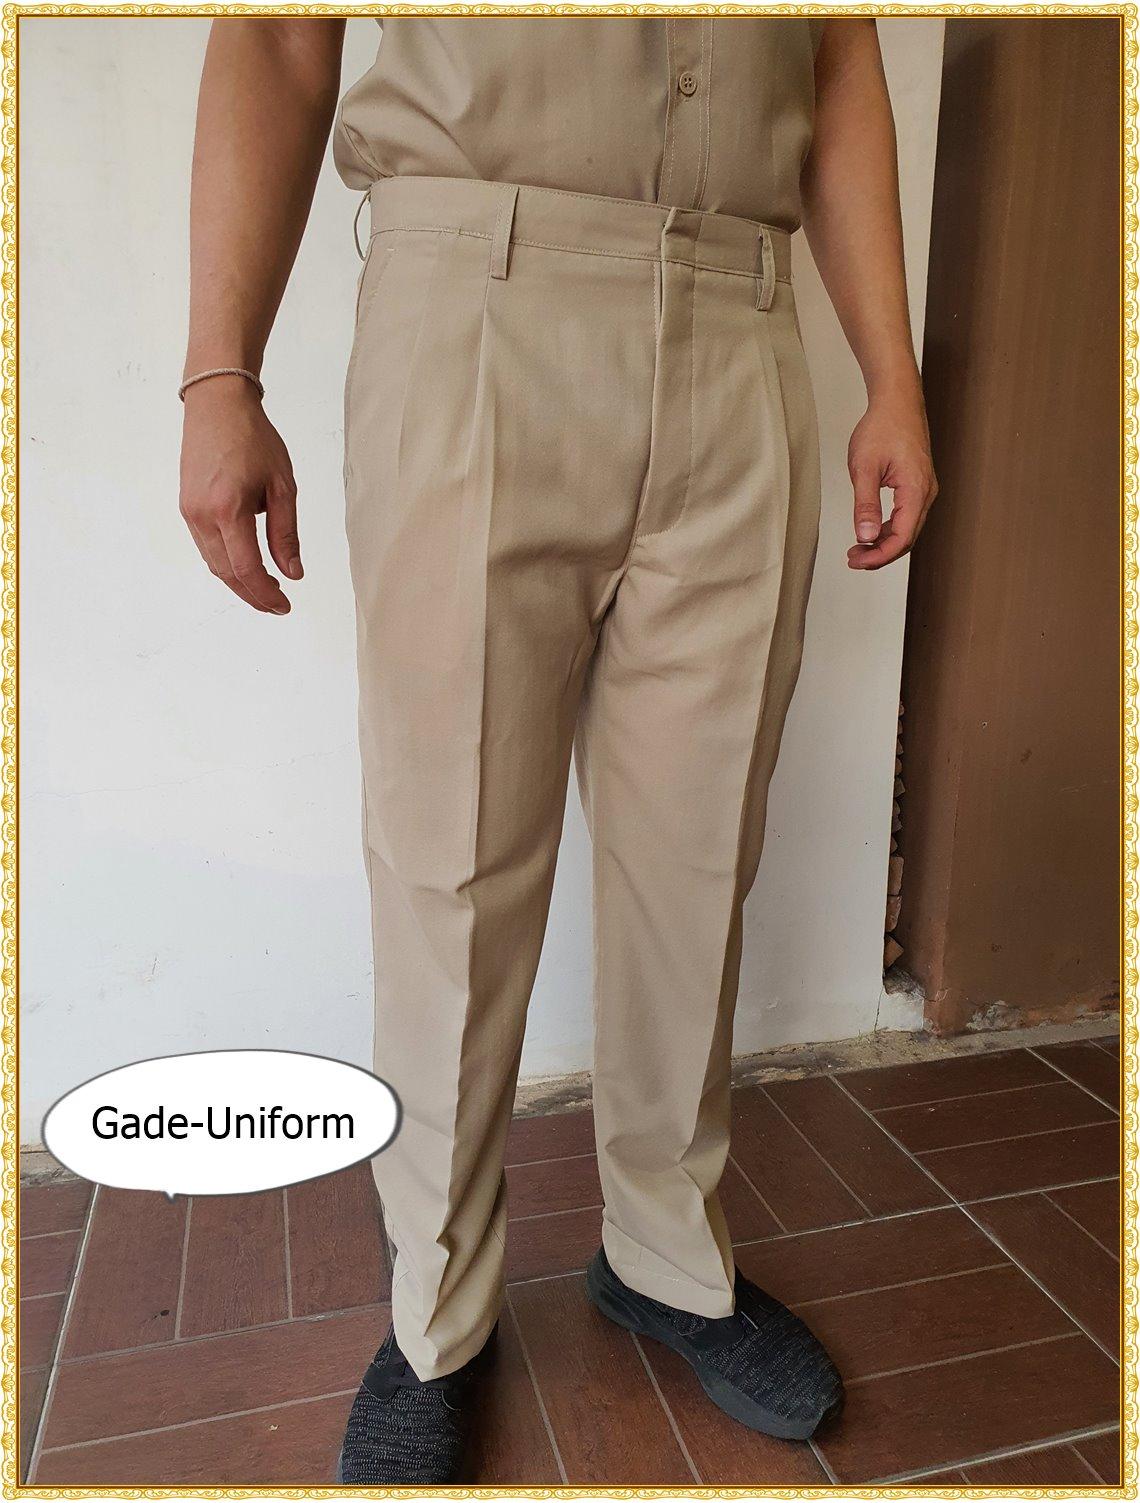 กางเกงสีกากี กางเกงข้าราชการ มีทุกไซส์